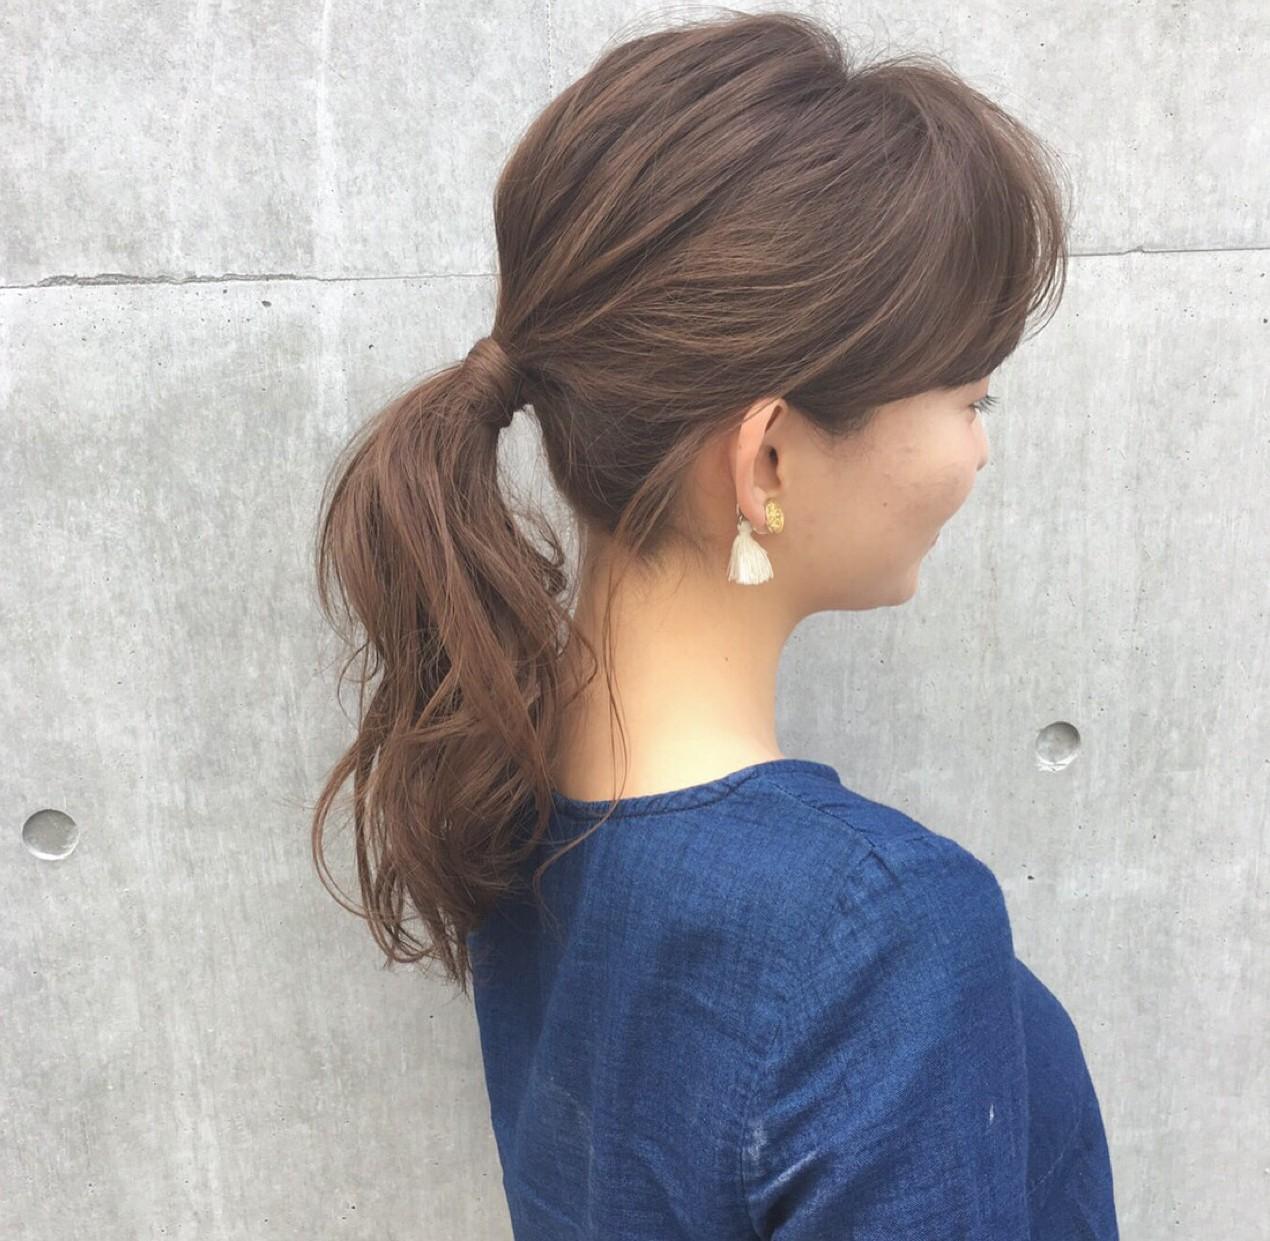 オフィスでも大活躍のヘアアレンジ!ミディアムヘアの簡単まとめ髪集!